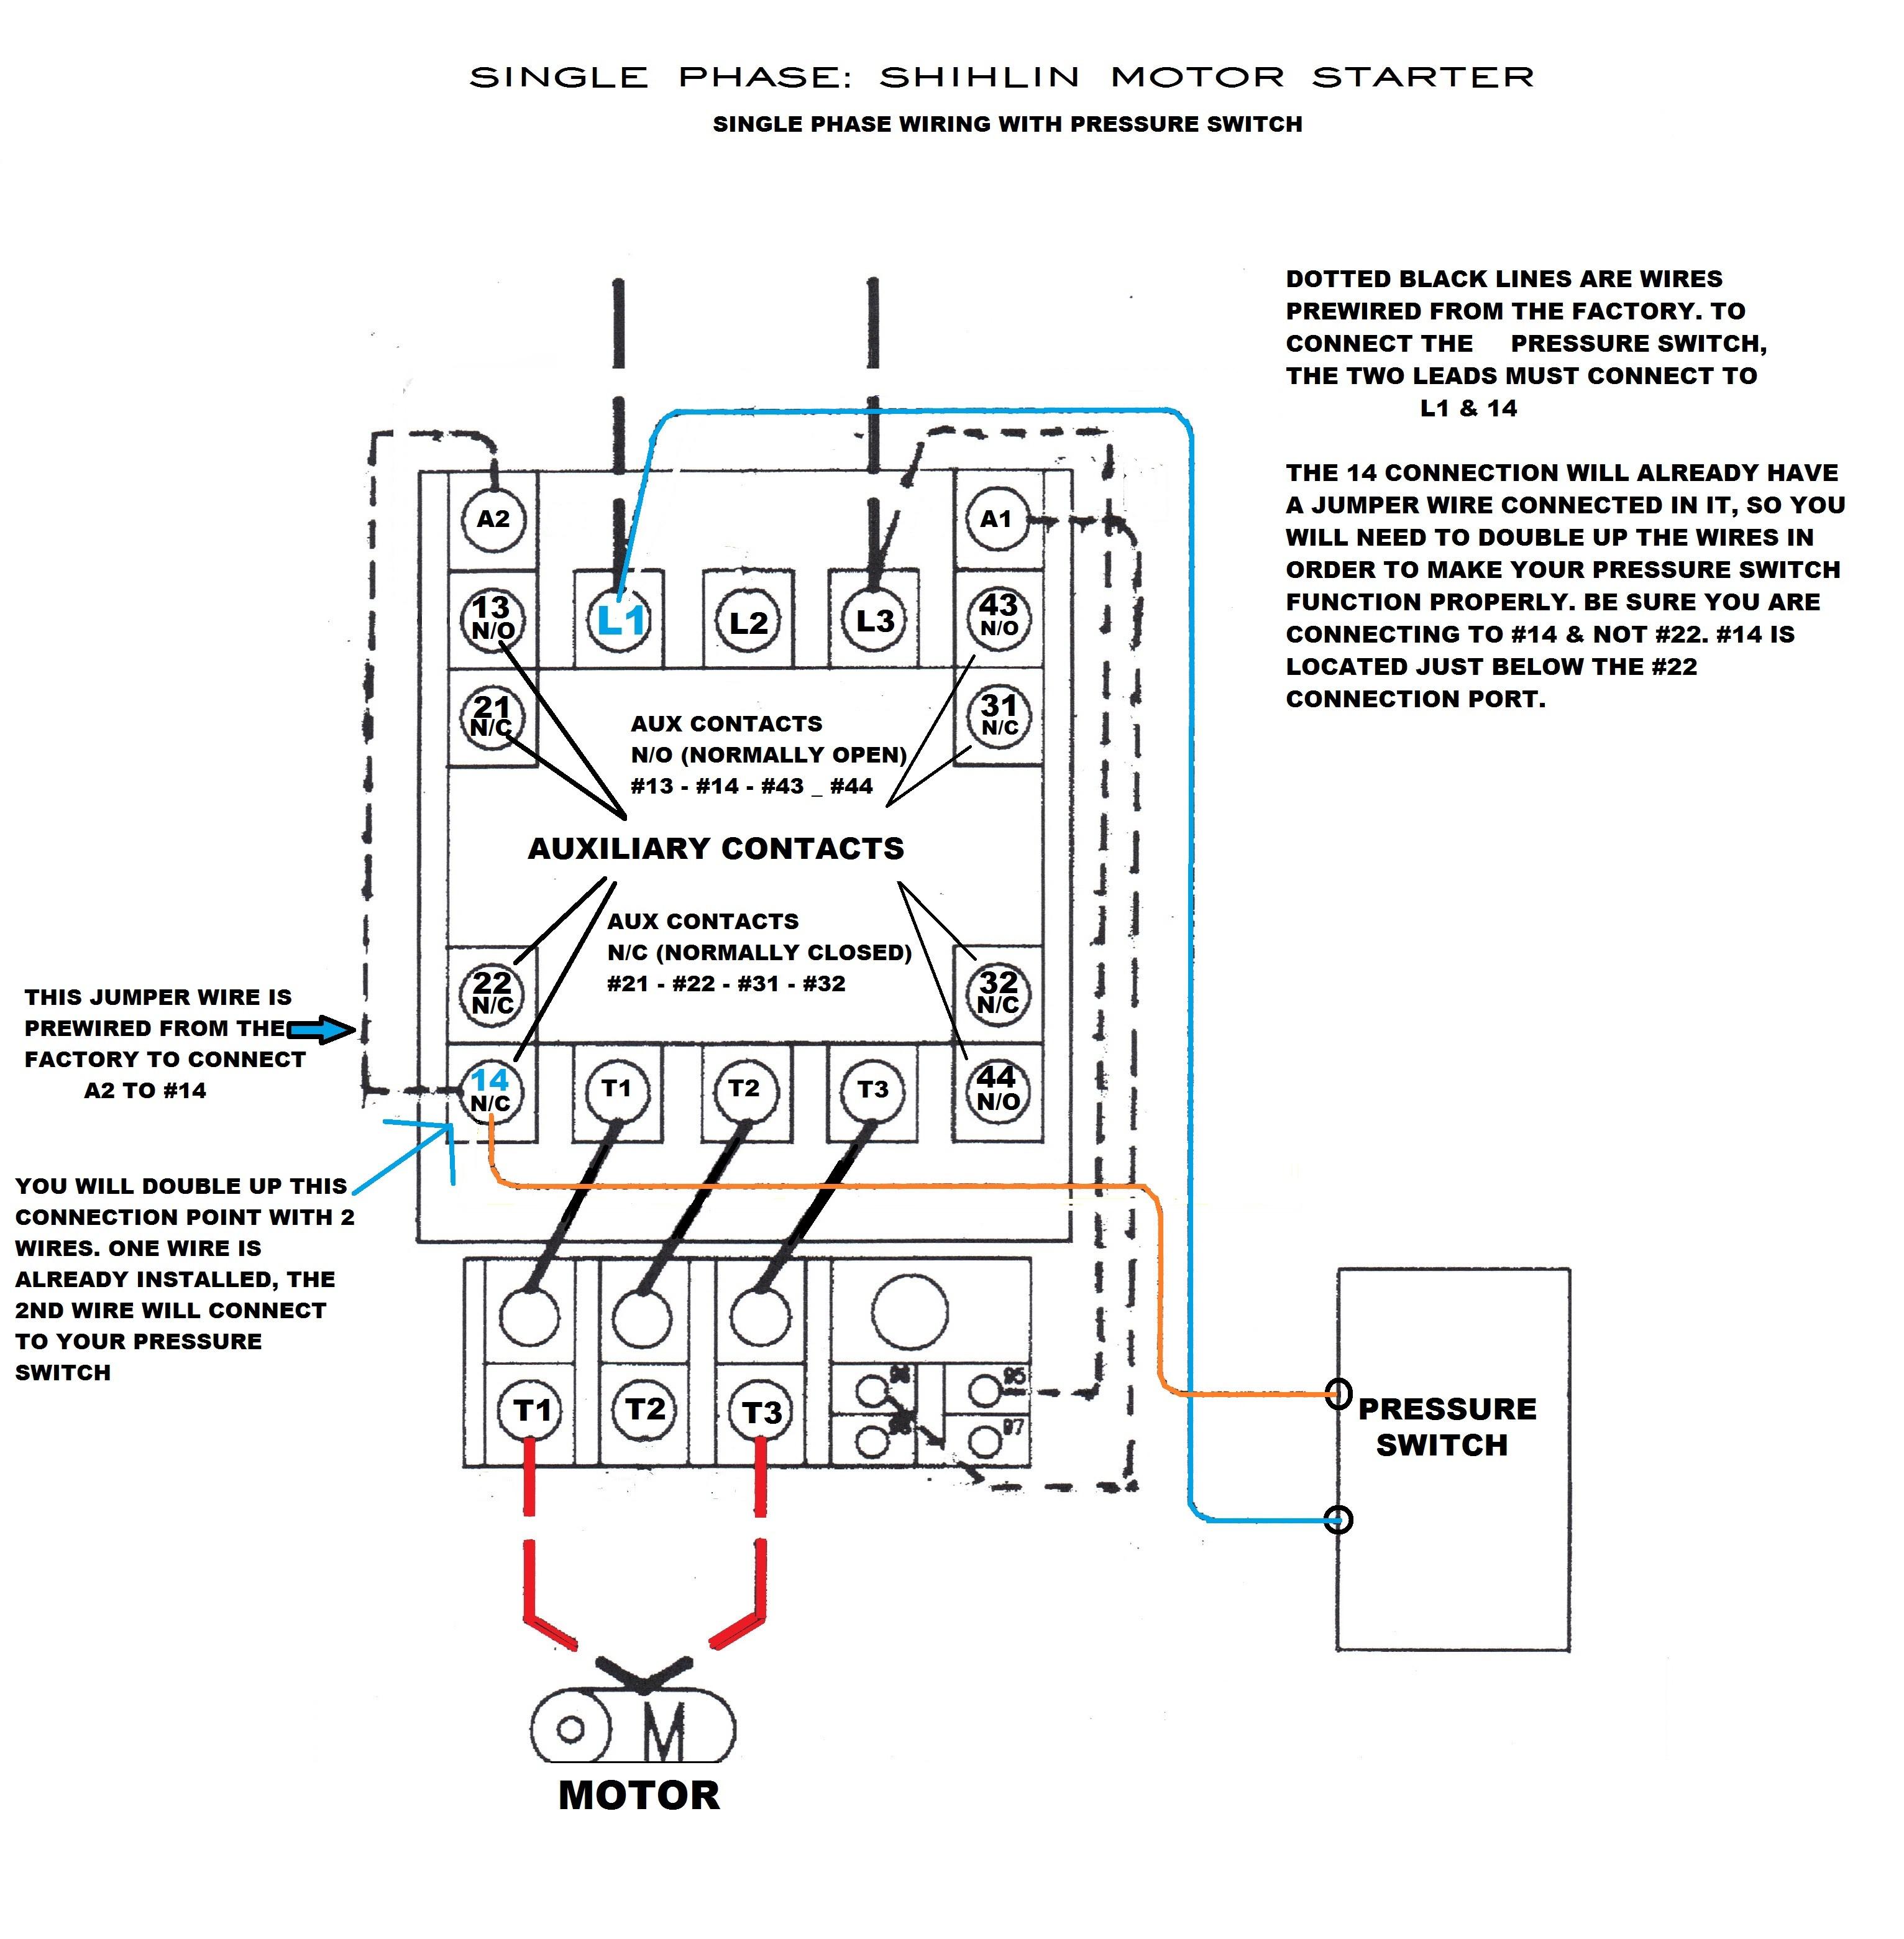 Jumper Cable Diagram Fancy Square D Pressure Switch Wiring Diagram 98 Nema L14 30 Of Jumper Cable Diagram